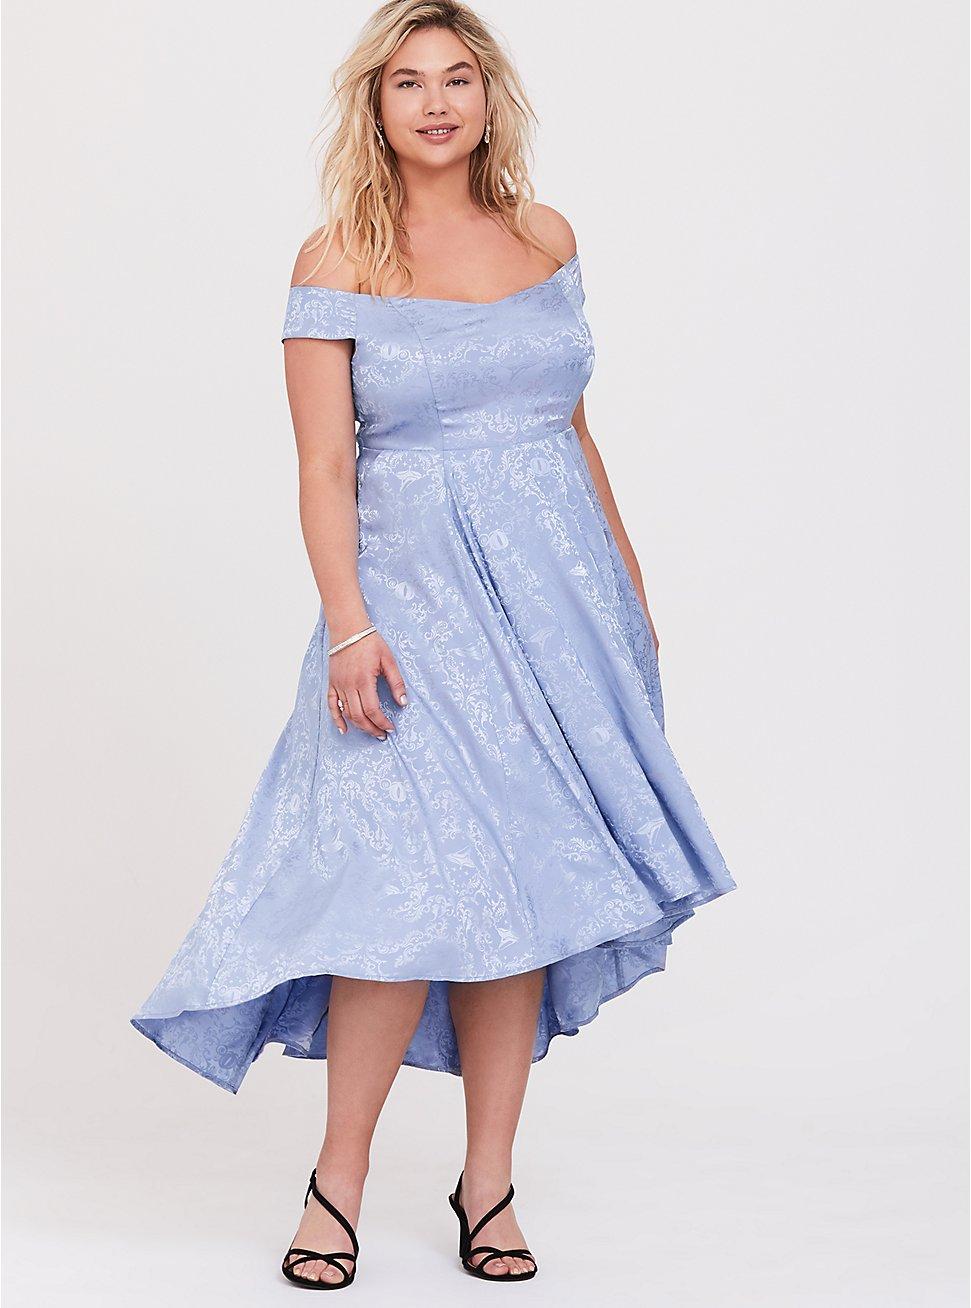 Plus Size Disney Cinderella Blue Off Shoulder Satin Hi-Low Dress, EVENTIDE, hi-res